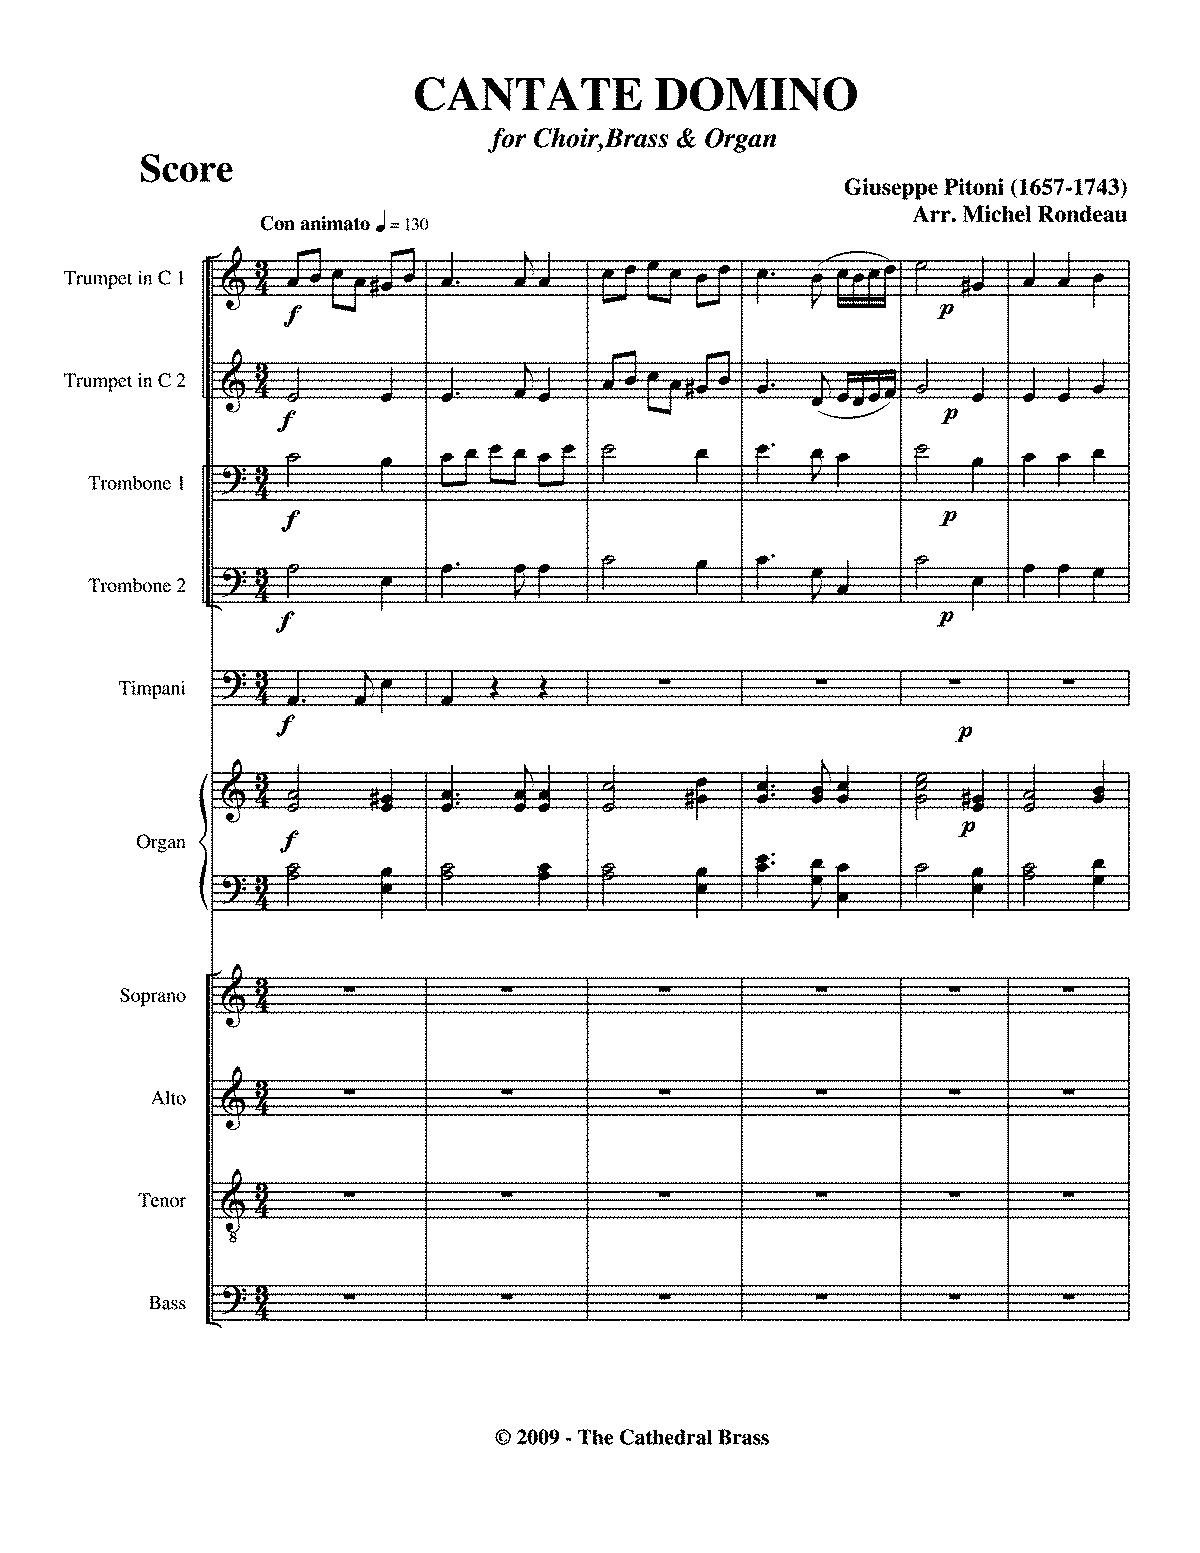 cantate domino giuseppe pitoni pdf